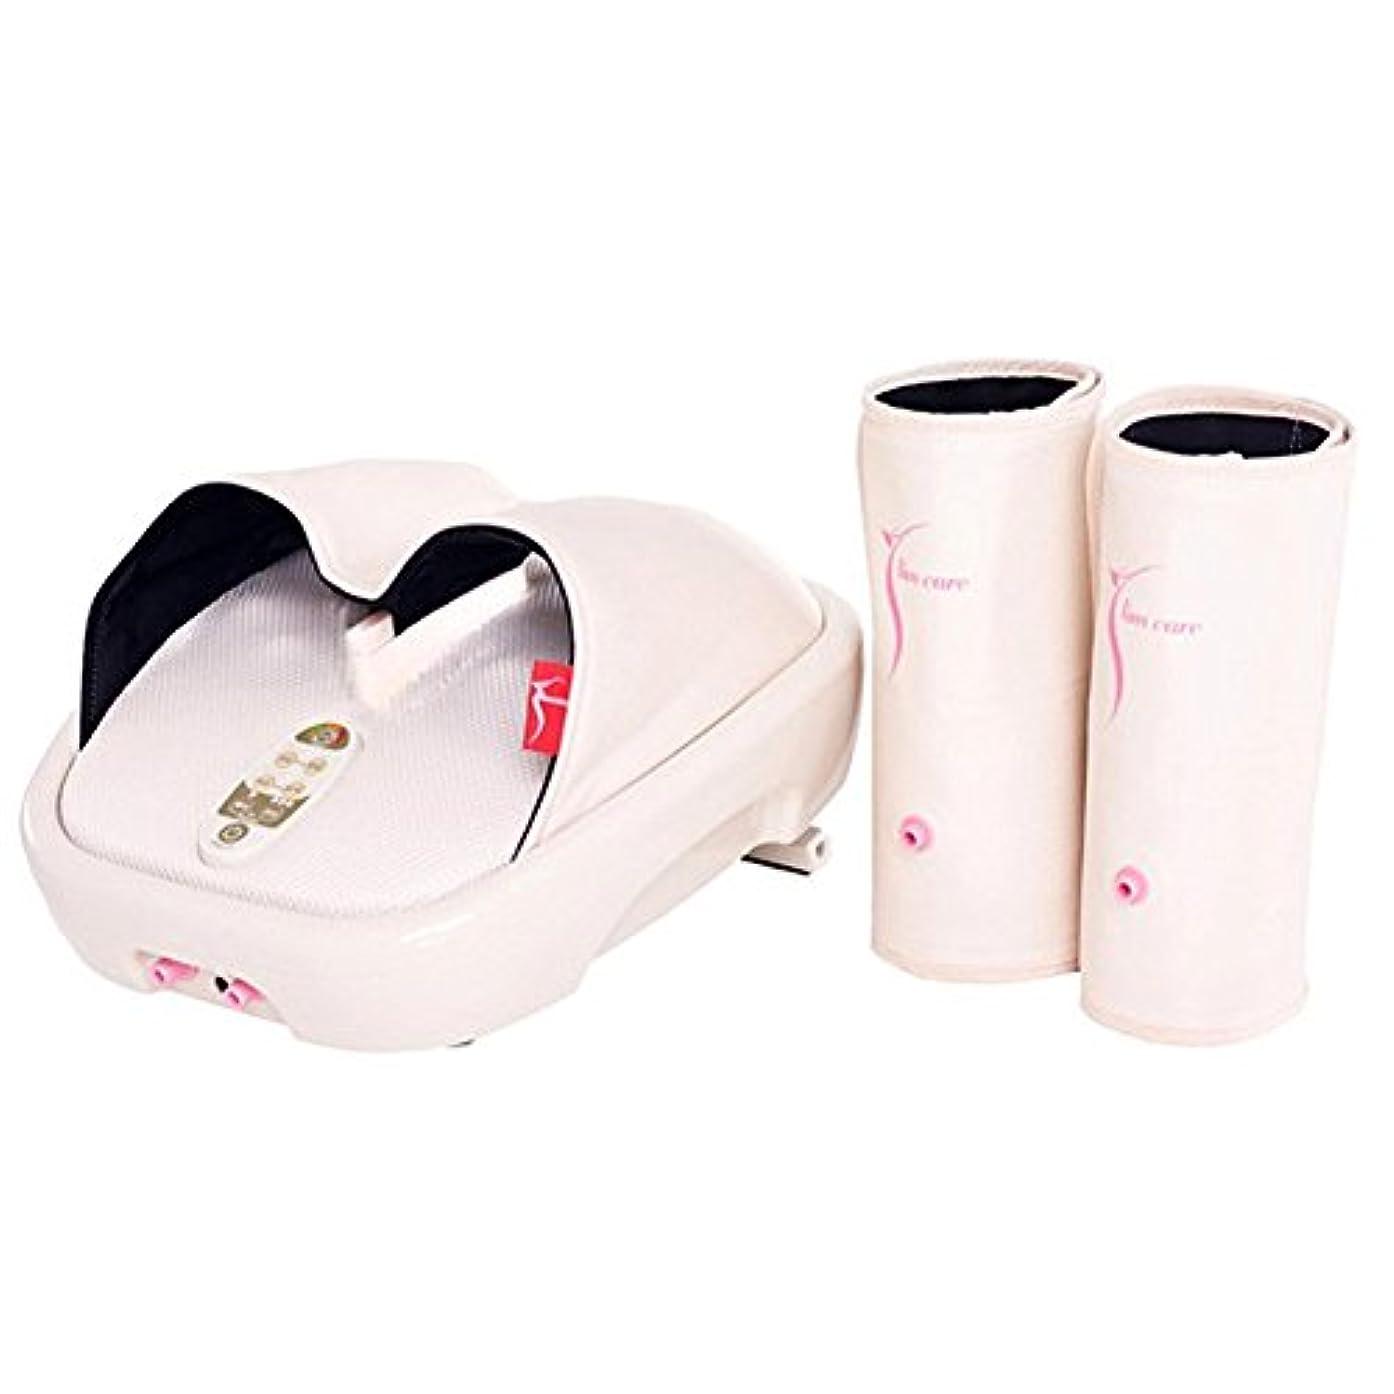 絵第四羊飼いHanil 532 Y-Liner HIL-9000F Air Compression Heating Foot Massager with Calf Cuff ハニール532 YライナーHILL-9000Fエアコンプレッションヒートフットマッサージャー...